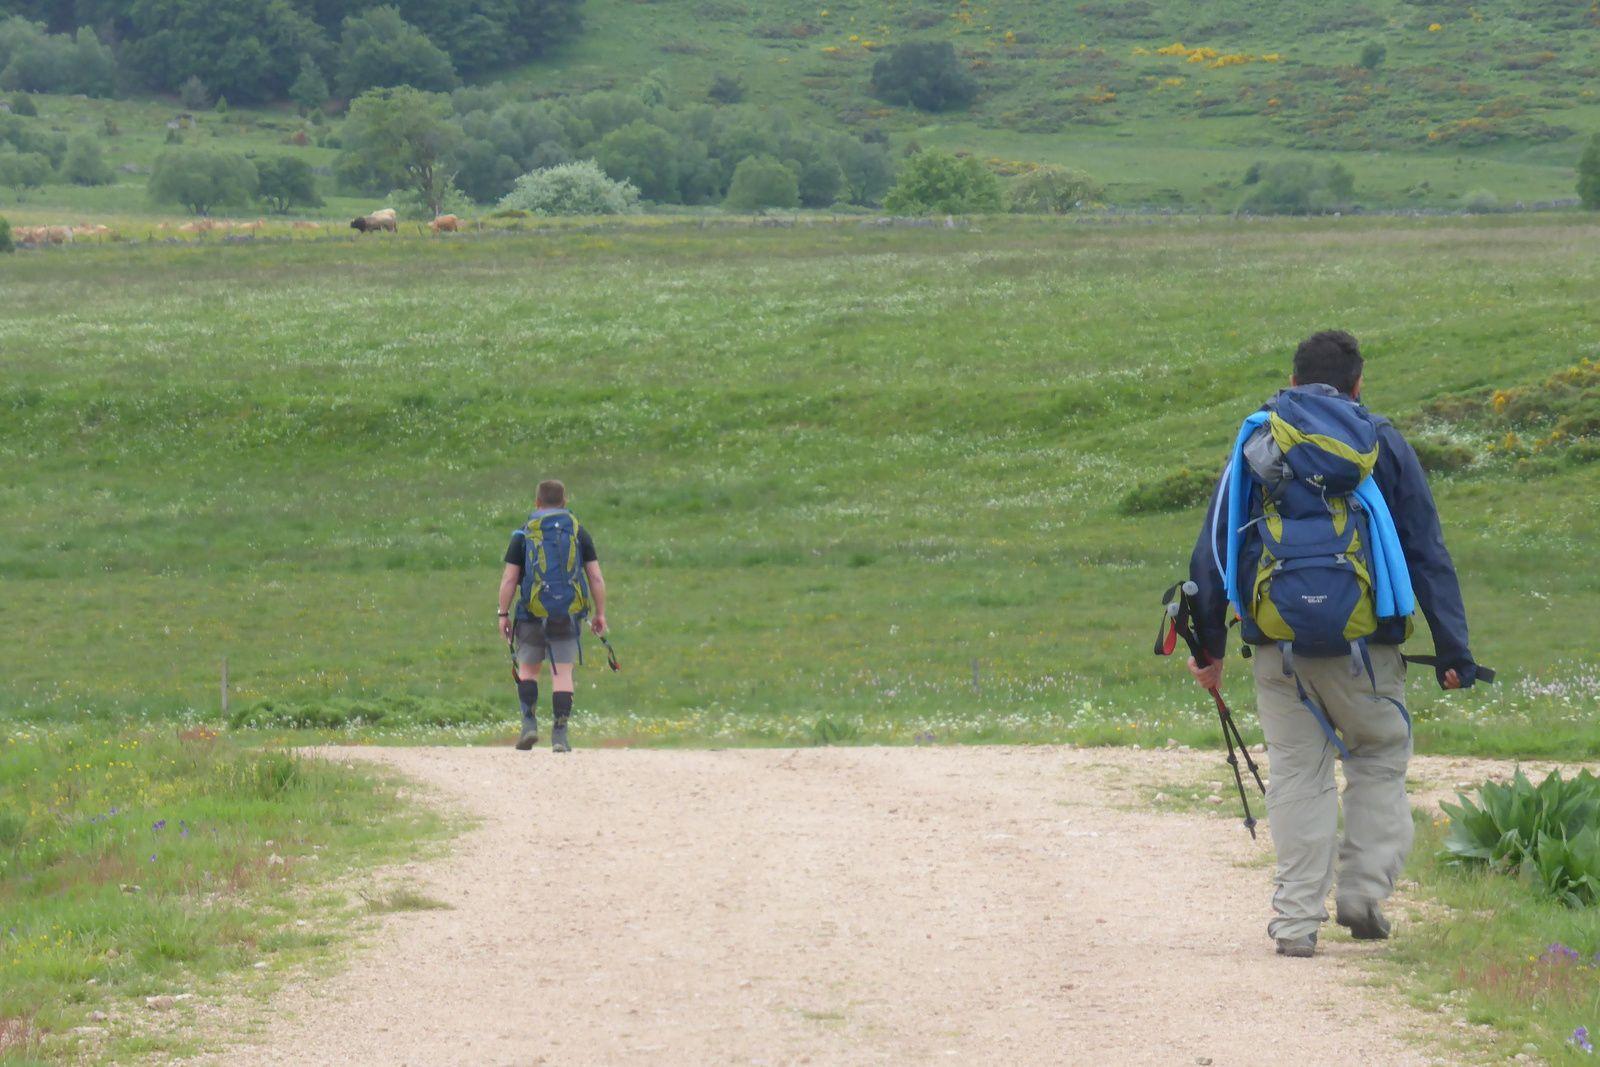 Nous passons à proximité du Buron du Sauvage à 1306m d'altitude et avançons vers le domaine du sauvage.